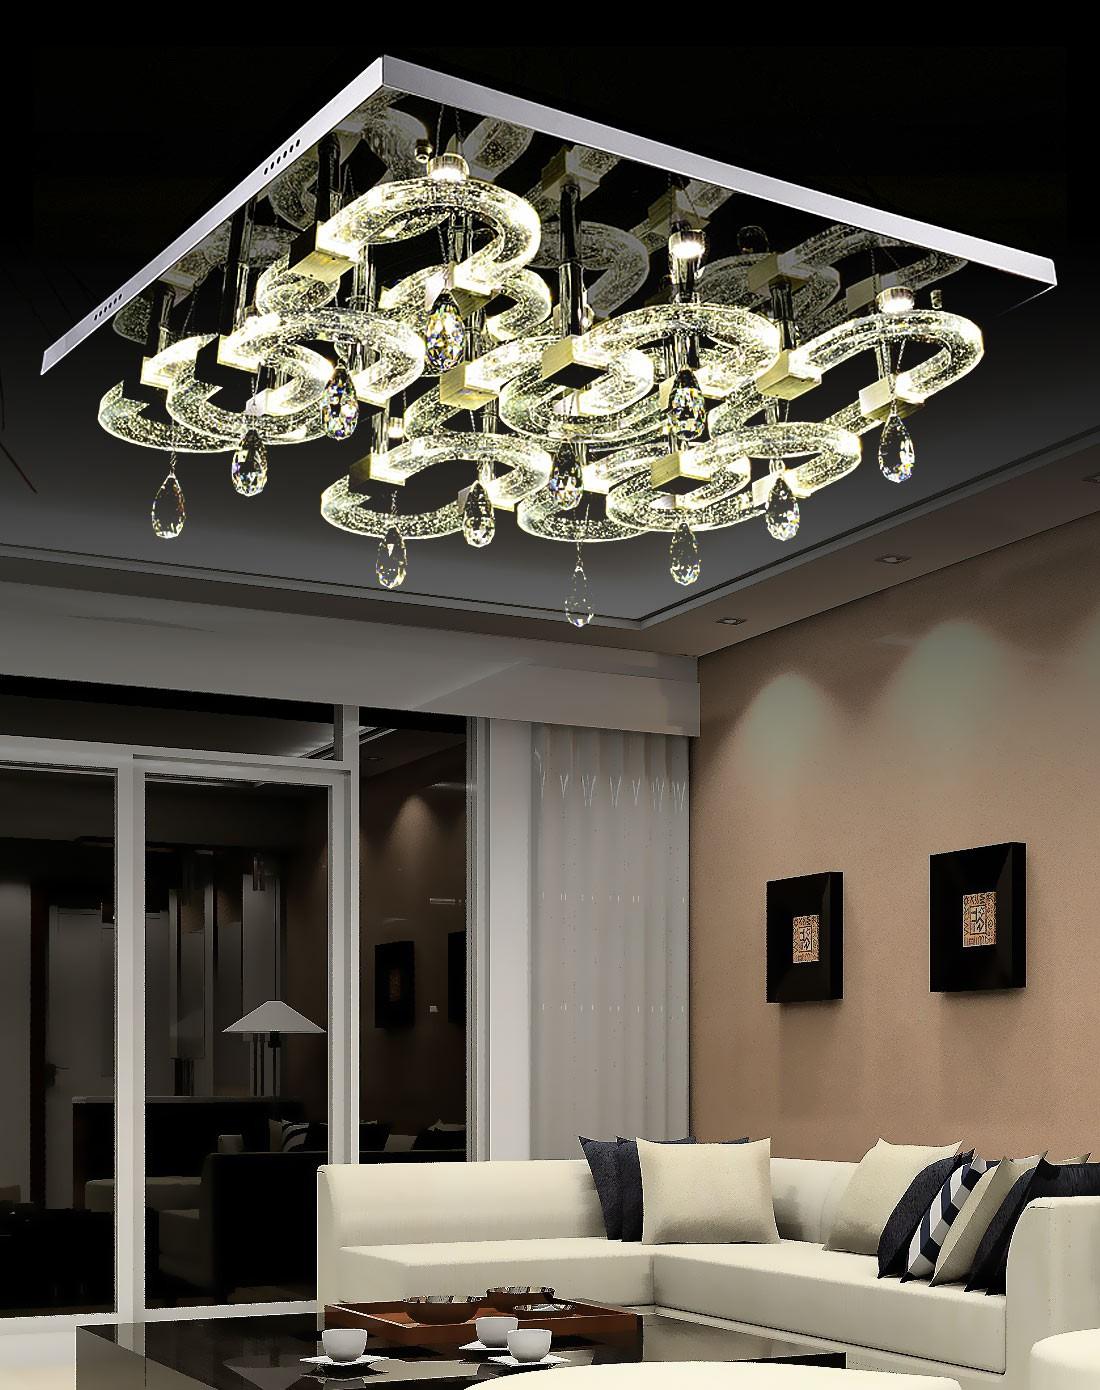 客厅灯多少瓦合适?